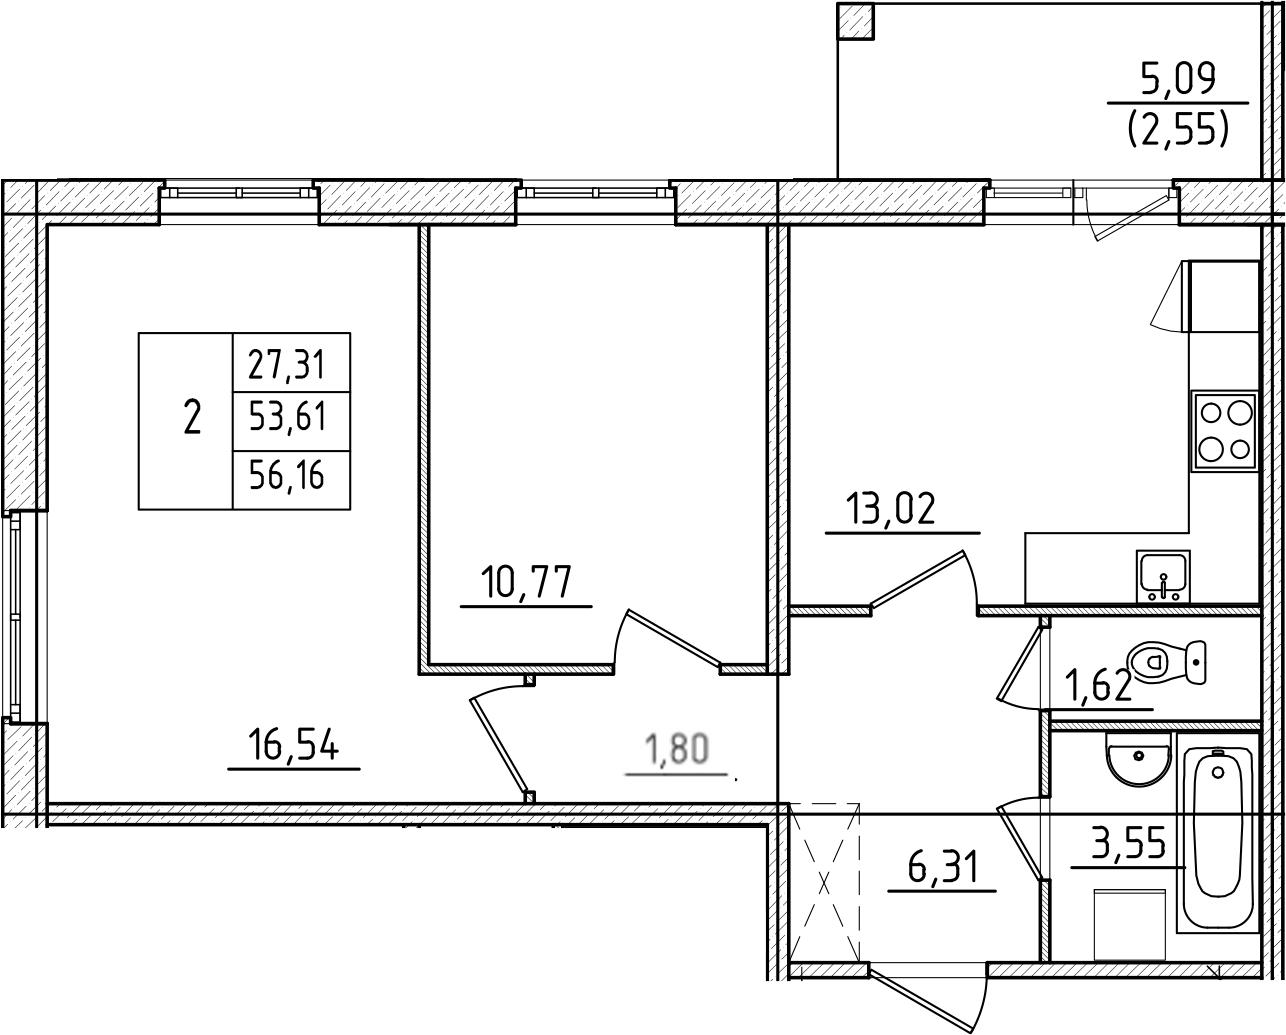 2-к.кв, 56.16 м², 1 этаж